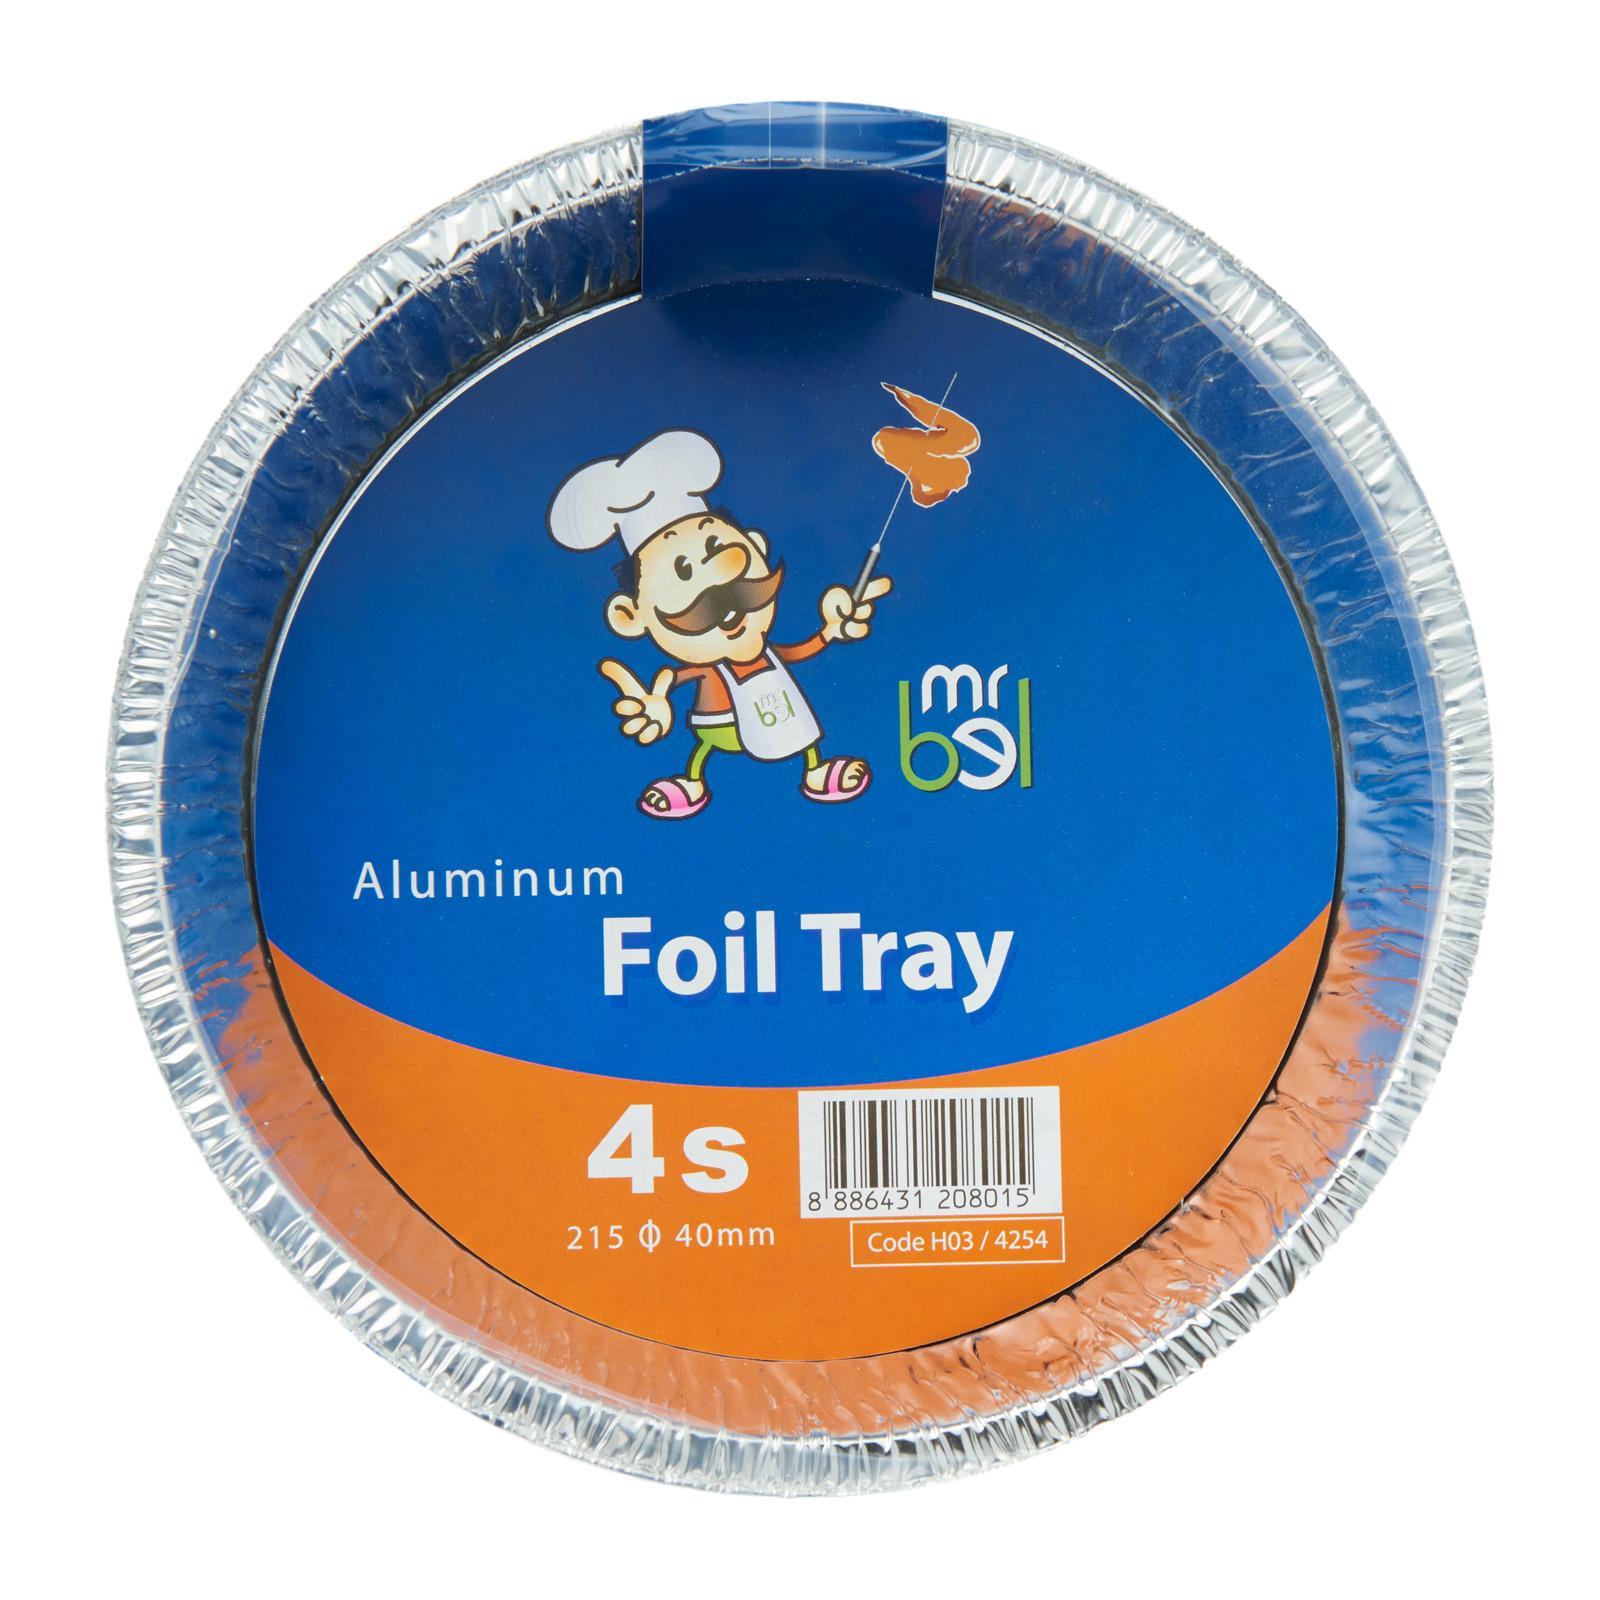 Mr Bel Disposable Round Aluminium Foil Tray